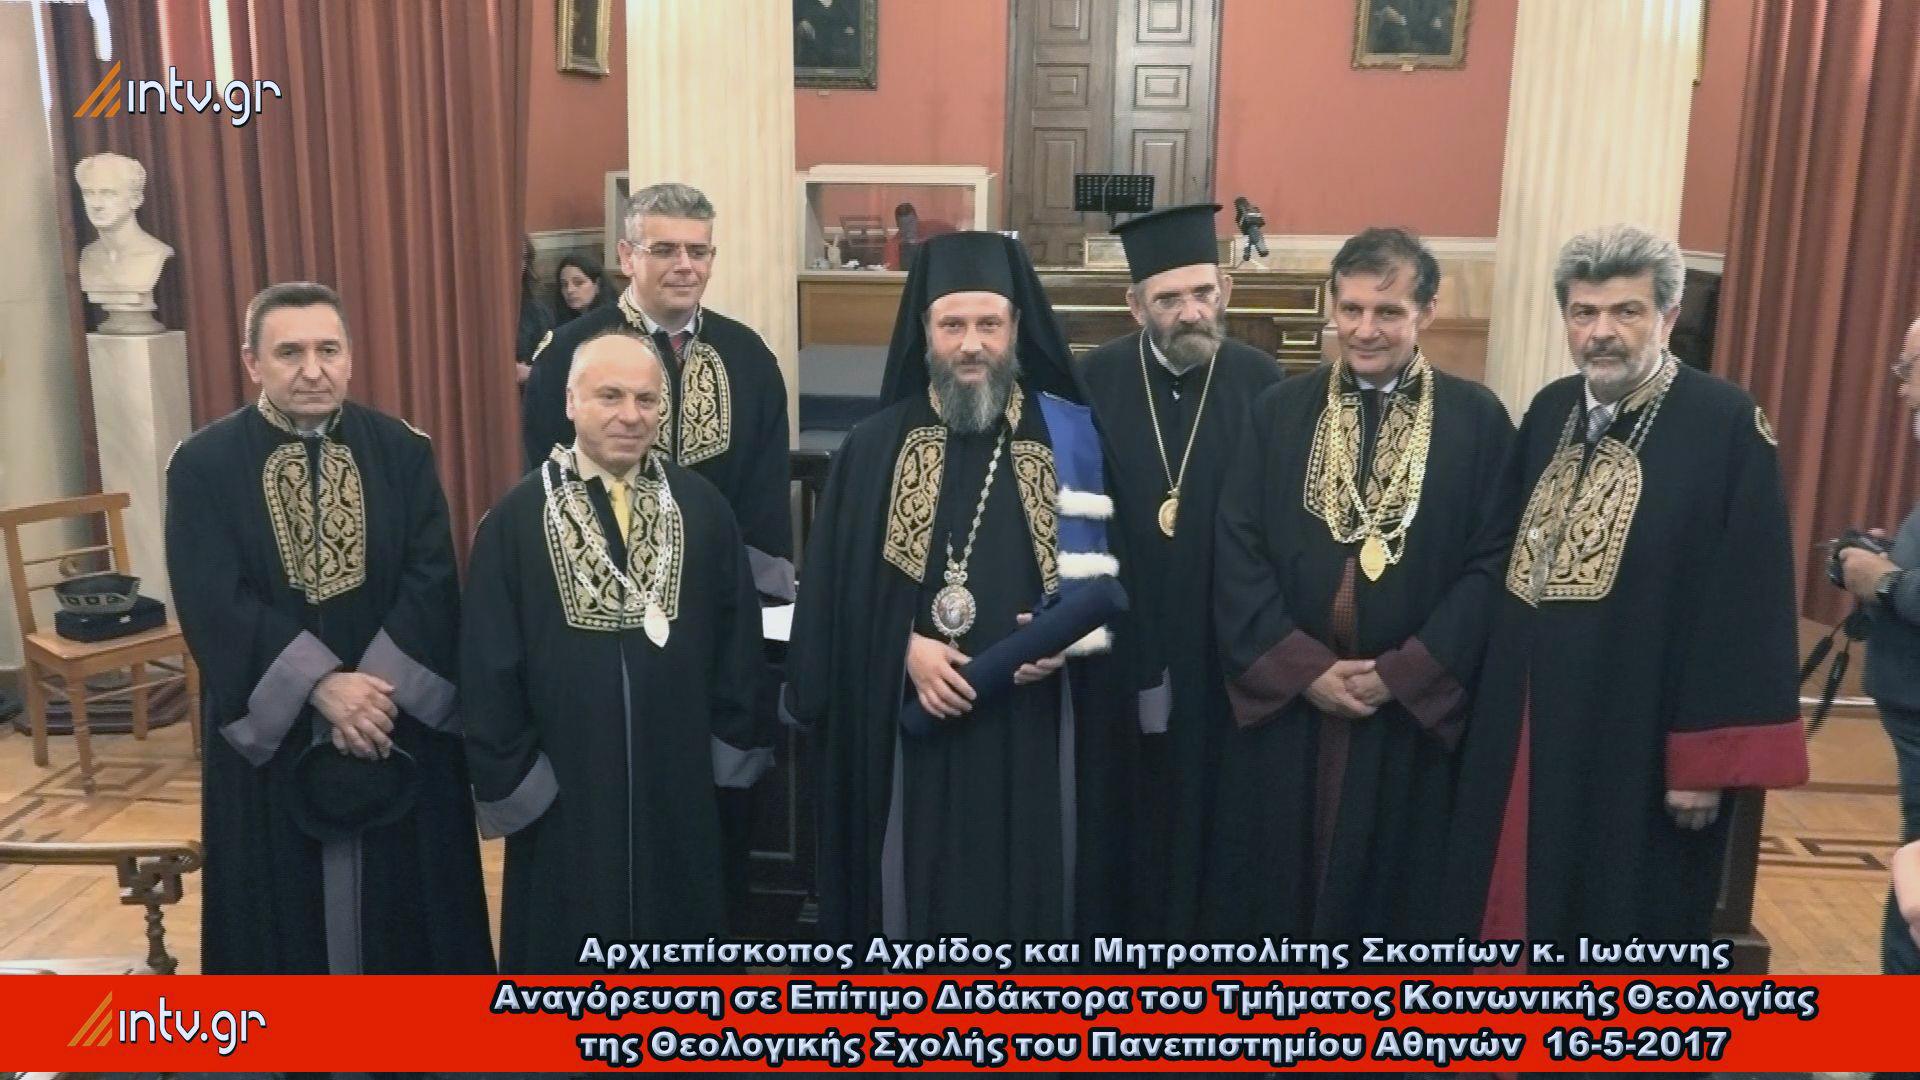 Αρχιεπίσκοπος Αχρίδος και Μητροπολίτης Σκοπίων κ. Ιωάννης  - Αναγόρευση σε Επίτιμο Διδάκτορα του Τμήματος Κοινωνικής Θεολογίας της Θεολογικής Σχολής του Πανεπιστημίου Αθηνών